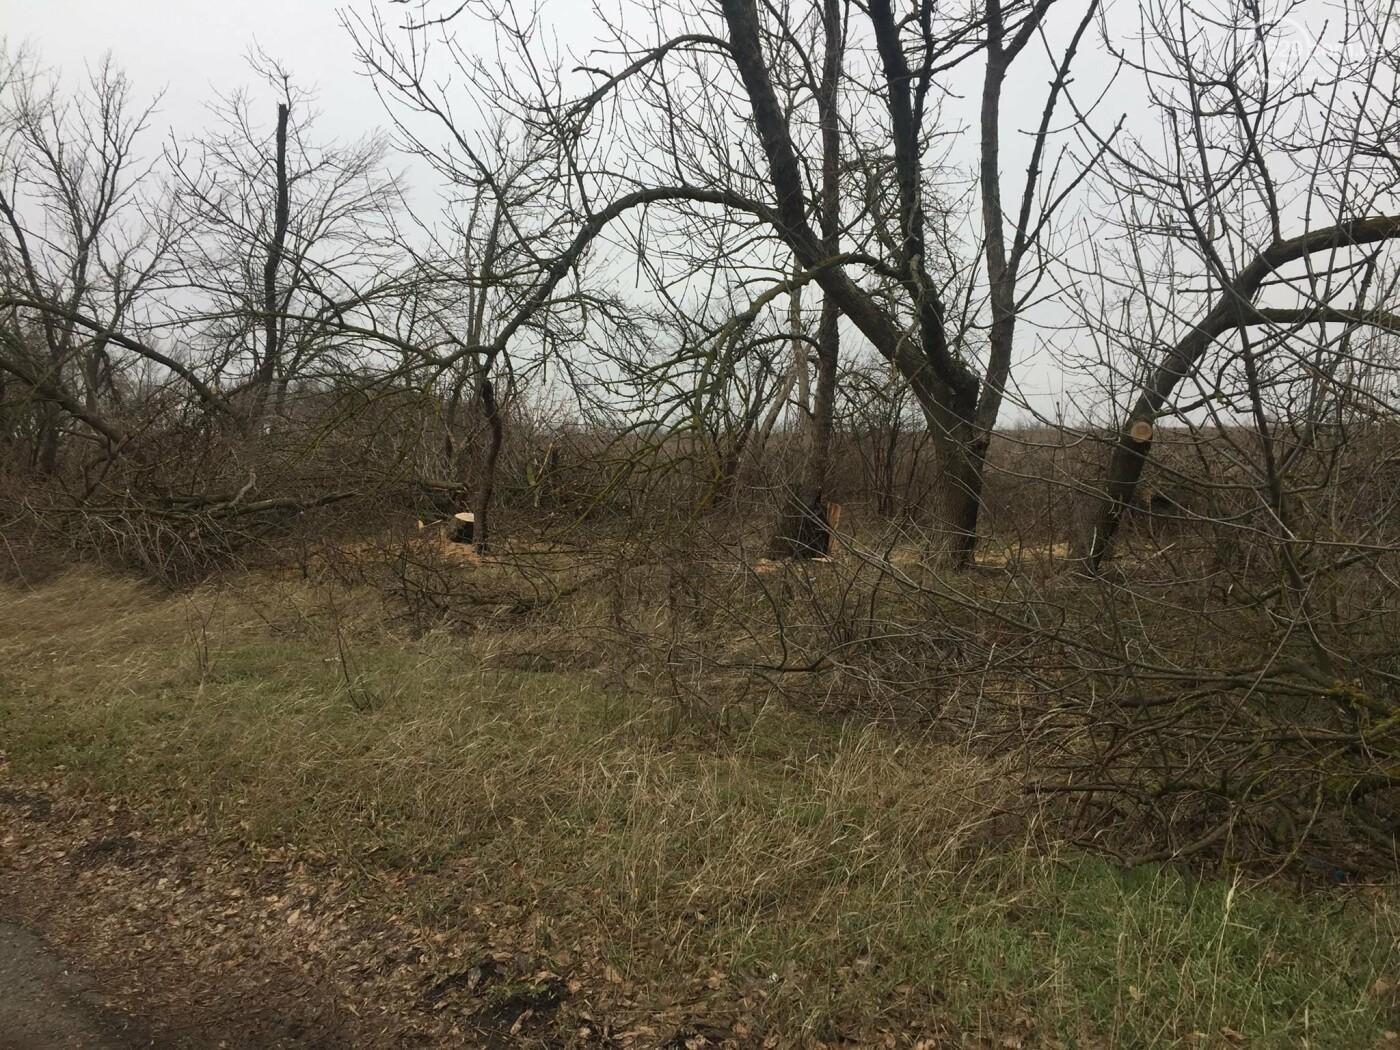 Черные лесорубы: в Мариуполе  беспощадно уничтожается лесополоса на дороге для европейцев, - ФОТО, ВИДЕО, фото-3